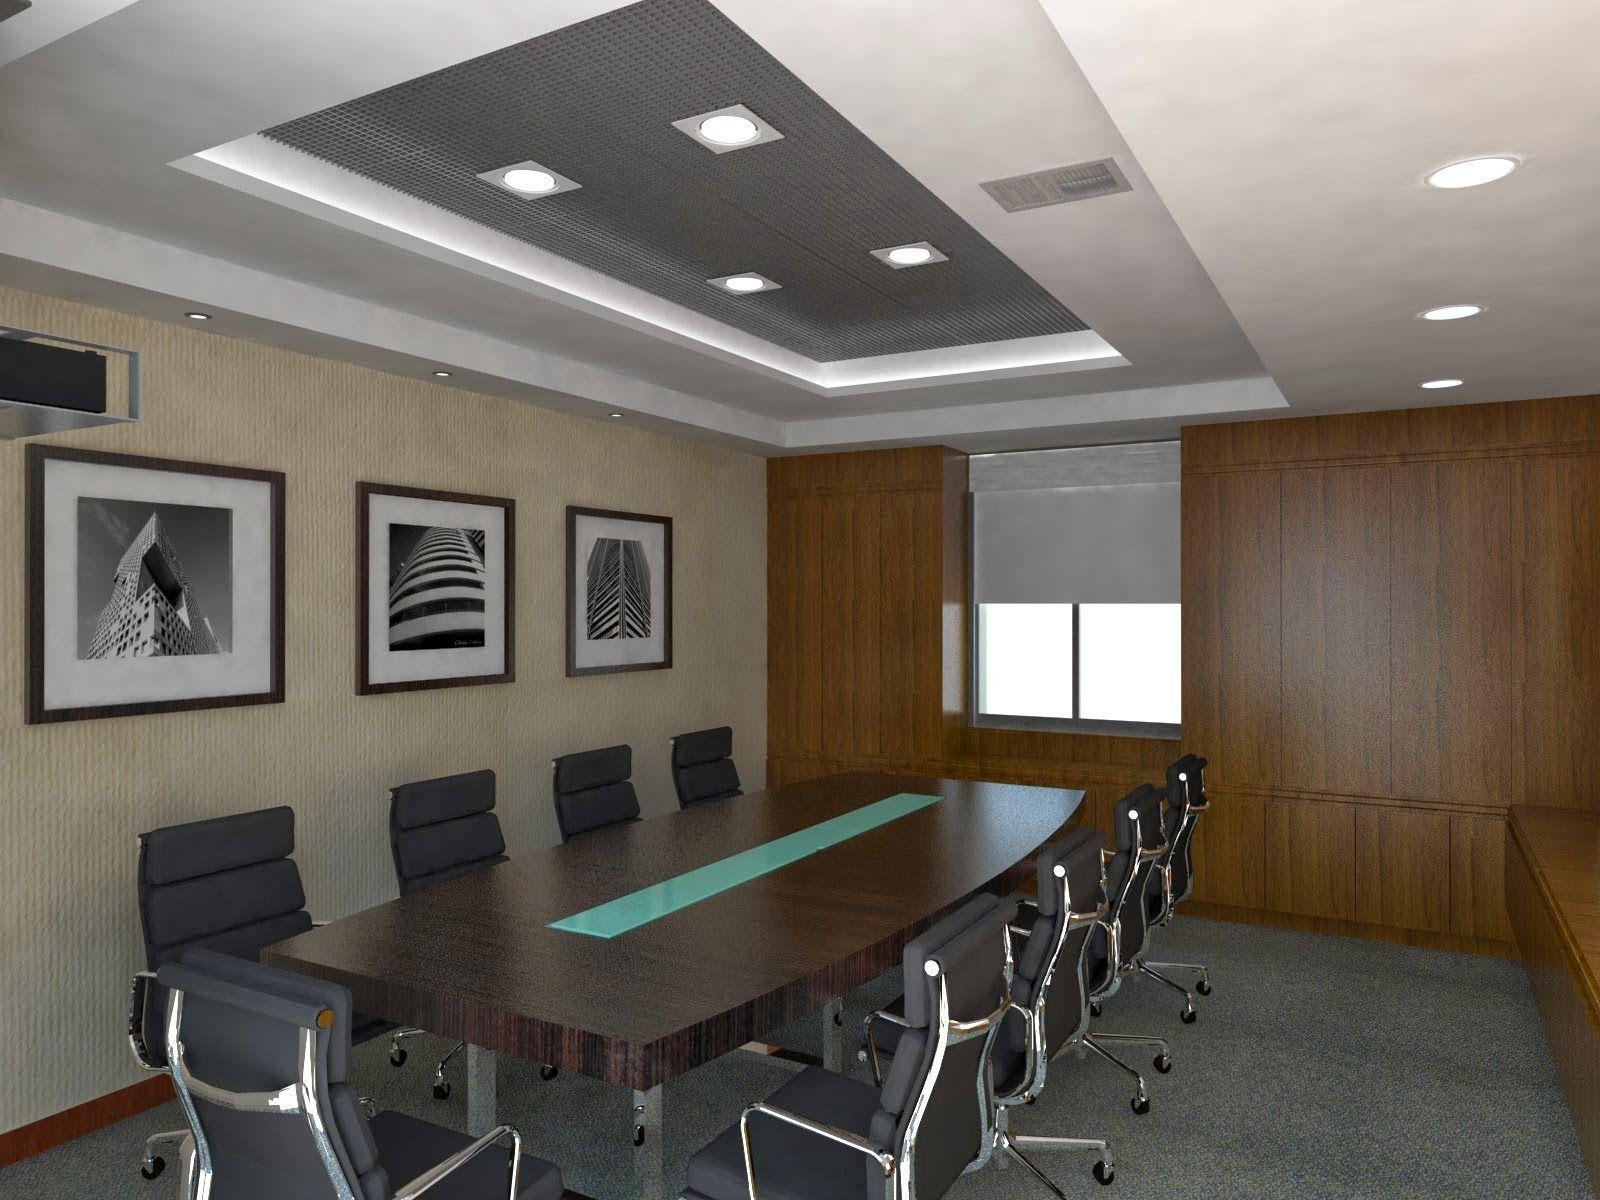 Oniria sala de reuniones mesas pinterest salas de for Arquitectura oficinas modernas